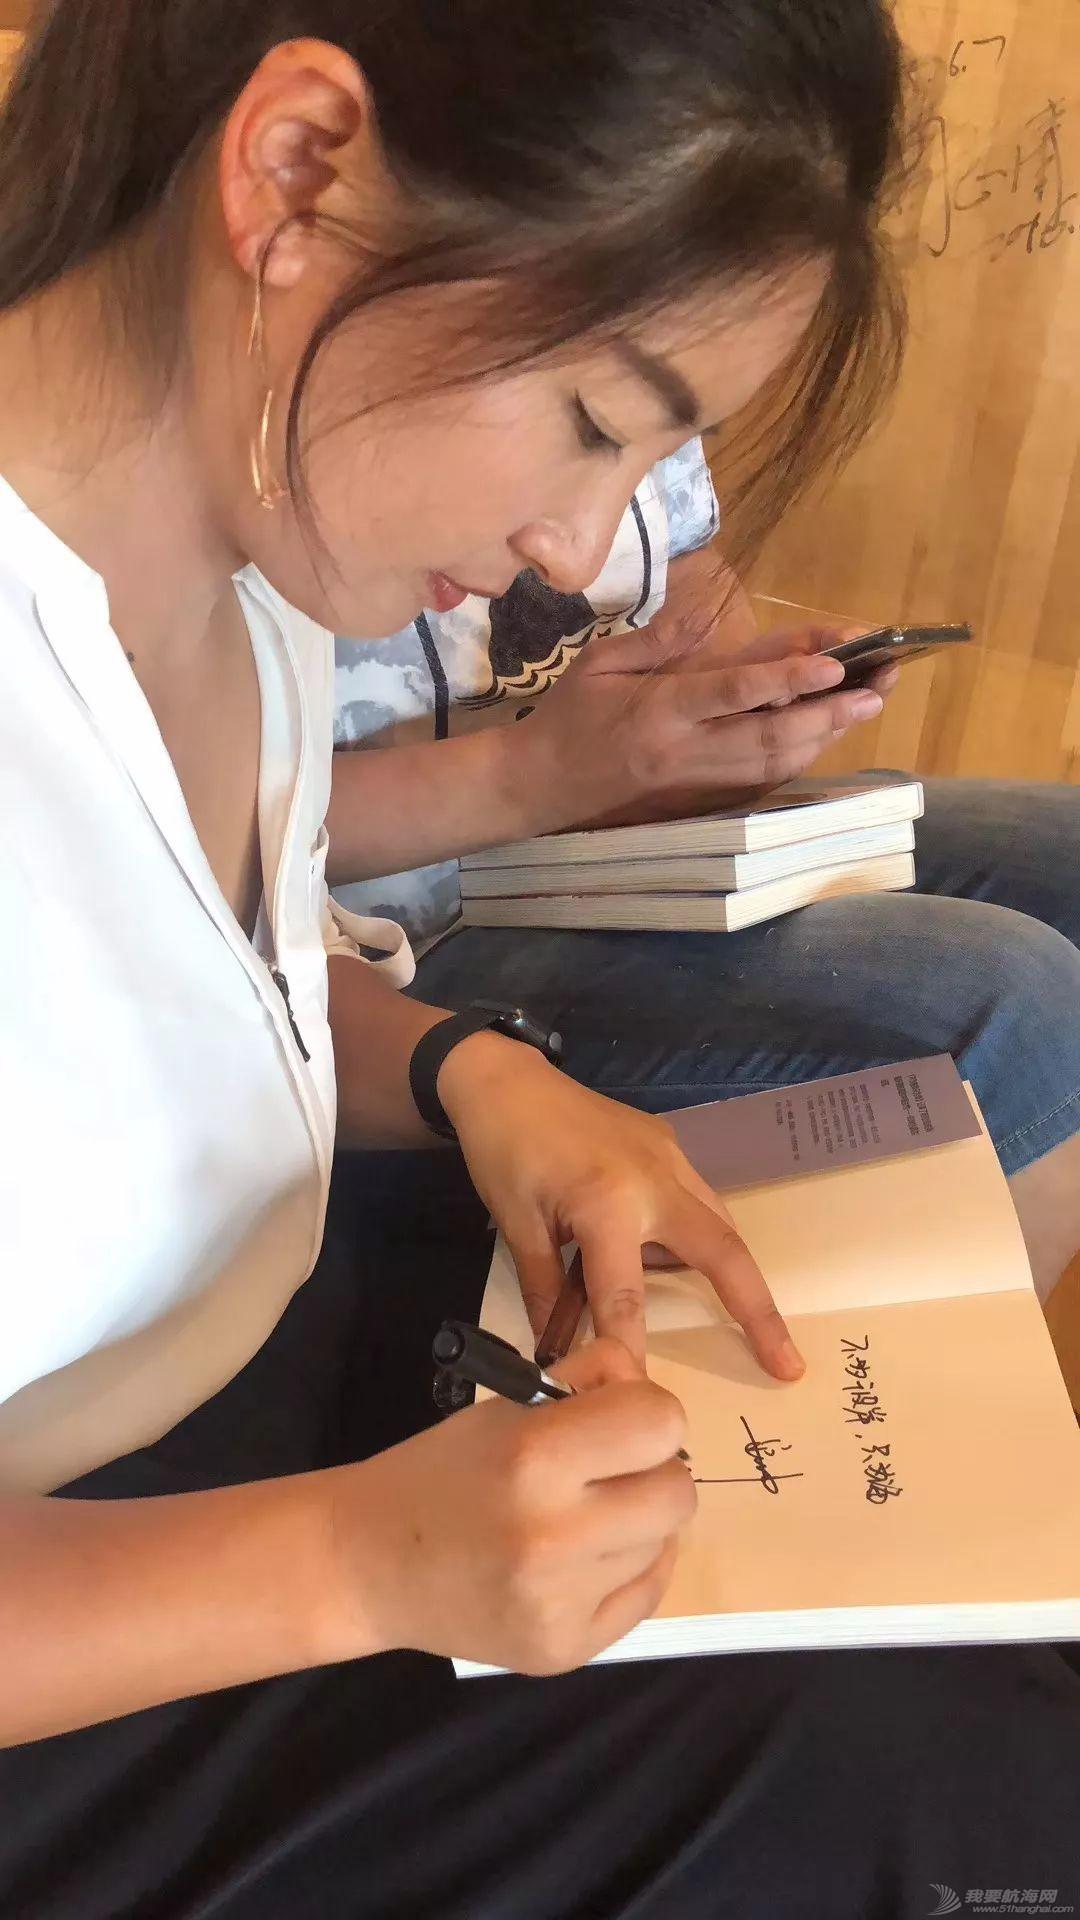 《不为彼岸只为海 》 新书签售会青岛站全国首发w8.jpg